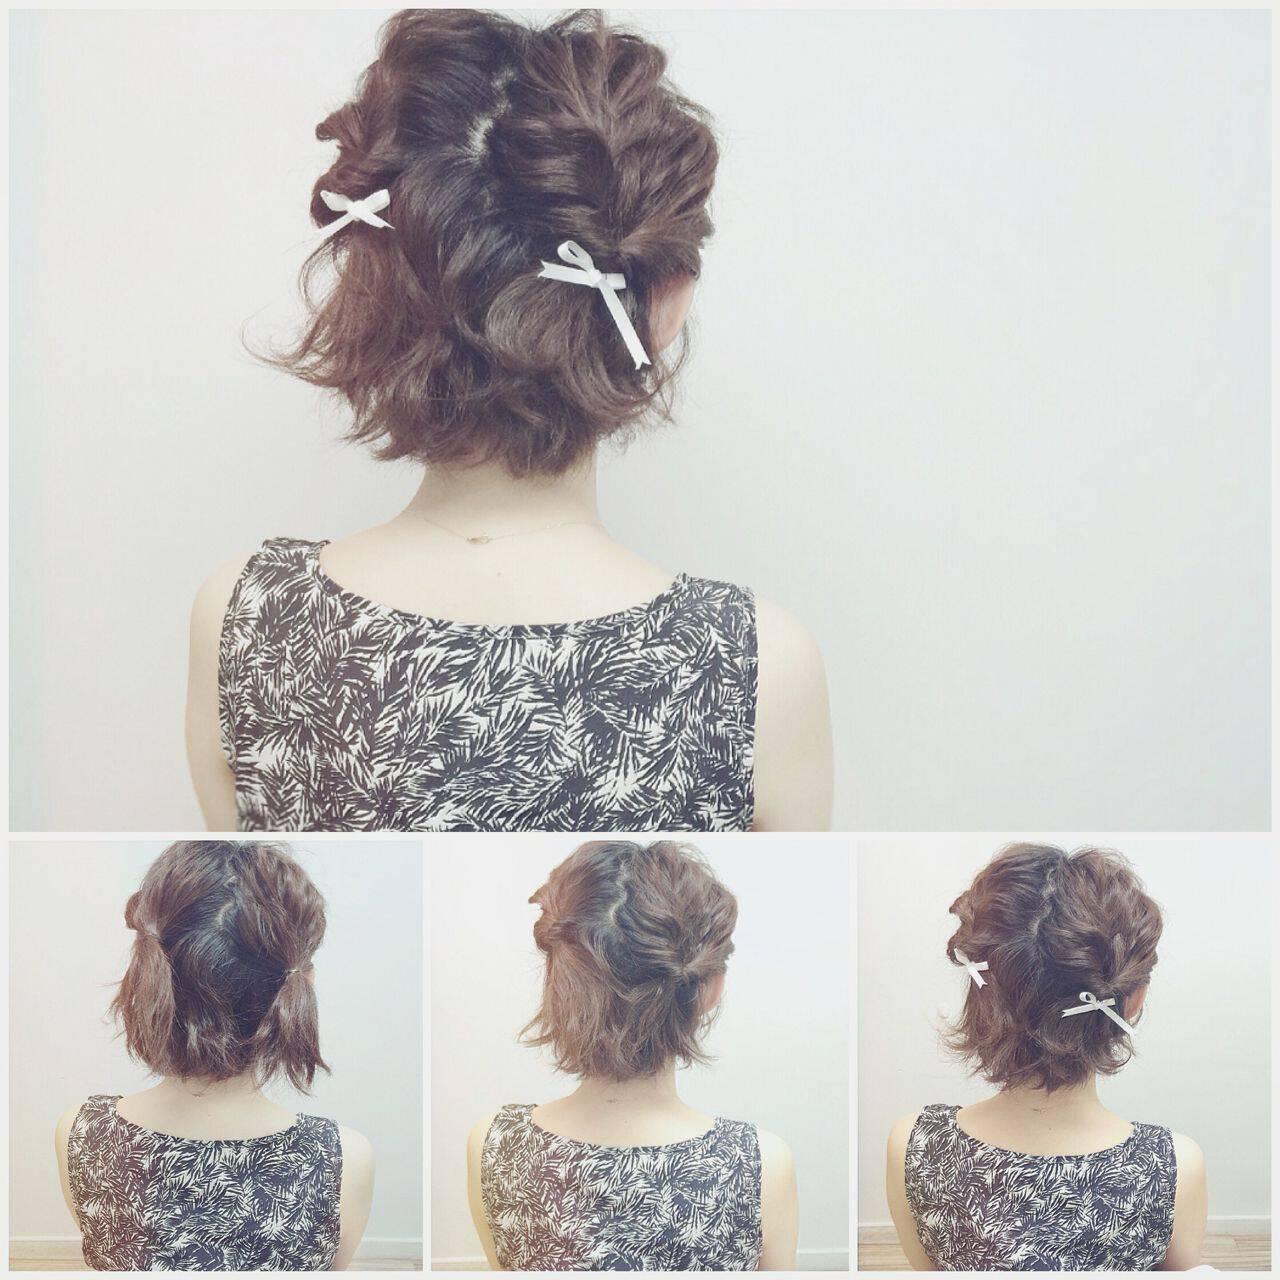 ナチュラル アップスタイル ヘアアレンジヘアスタイルや髪型の写真・画像